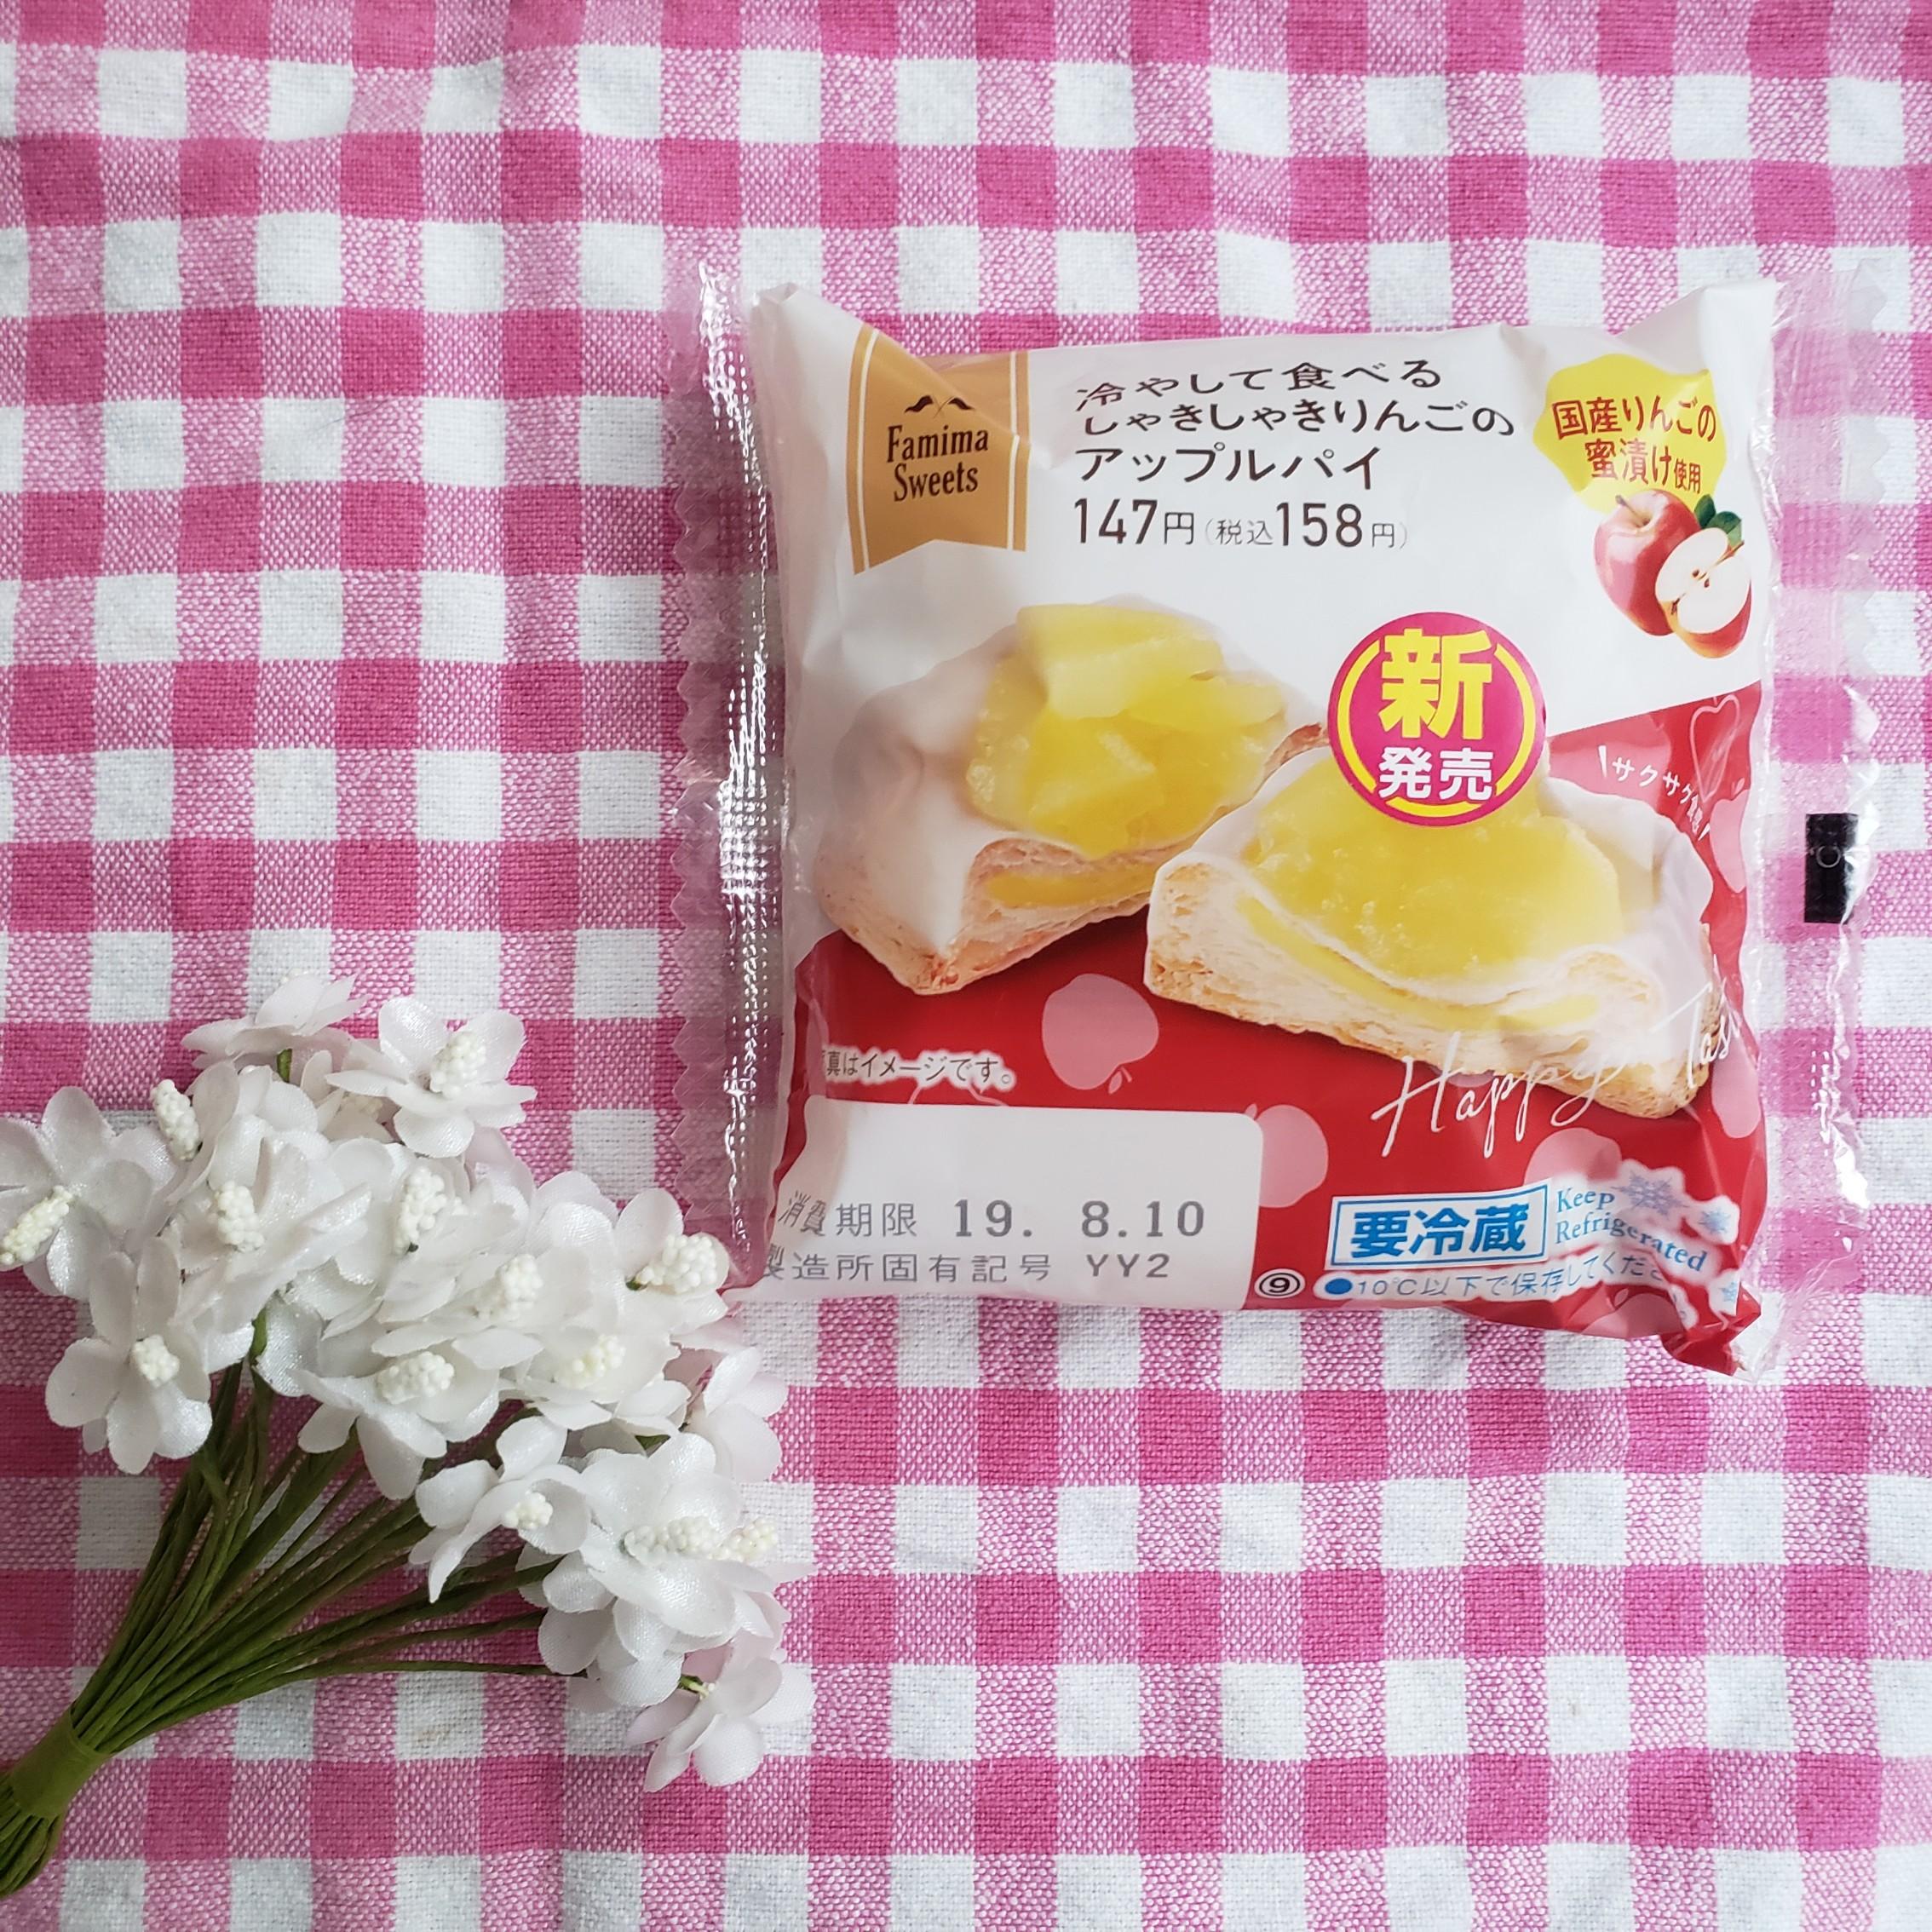 【ファミマ】の新作デザートとTWININGS紅茶2種で《フードペアリングvol.2》☆_2